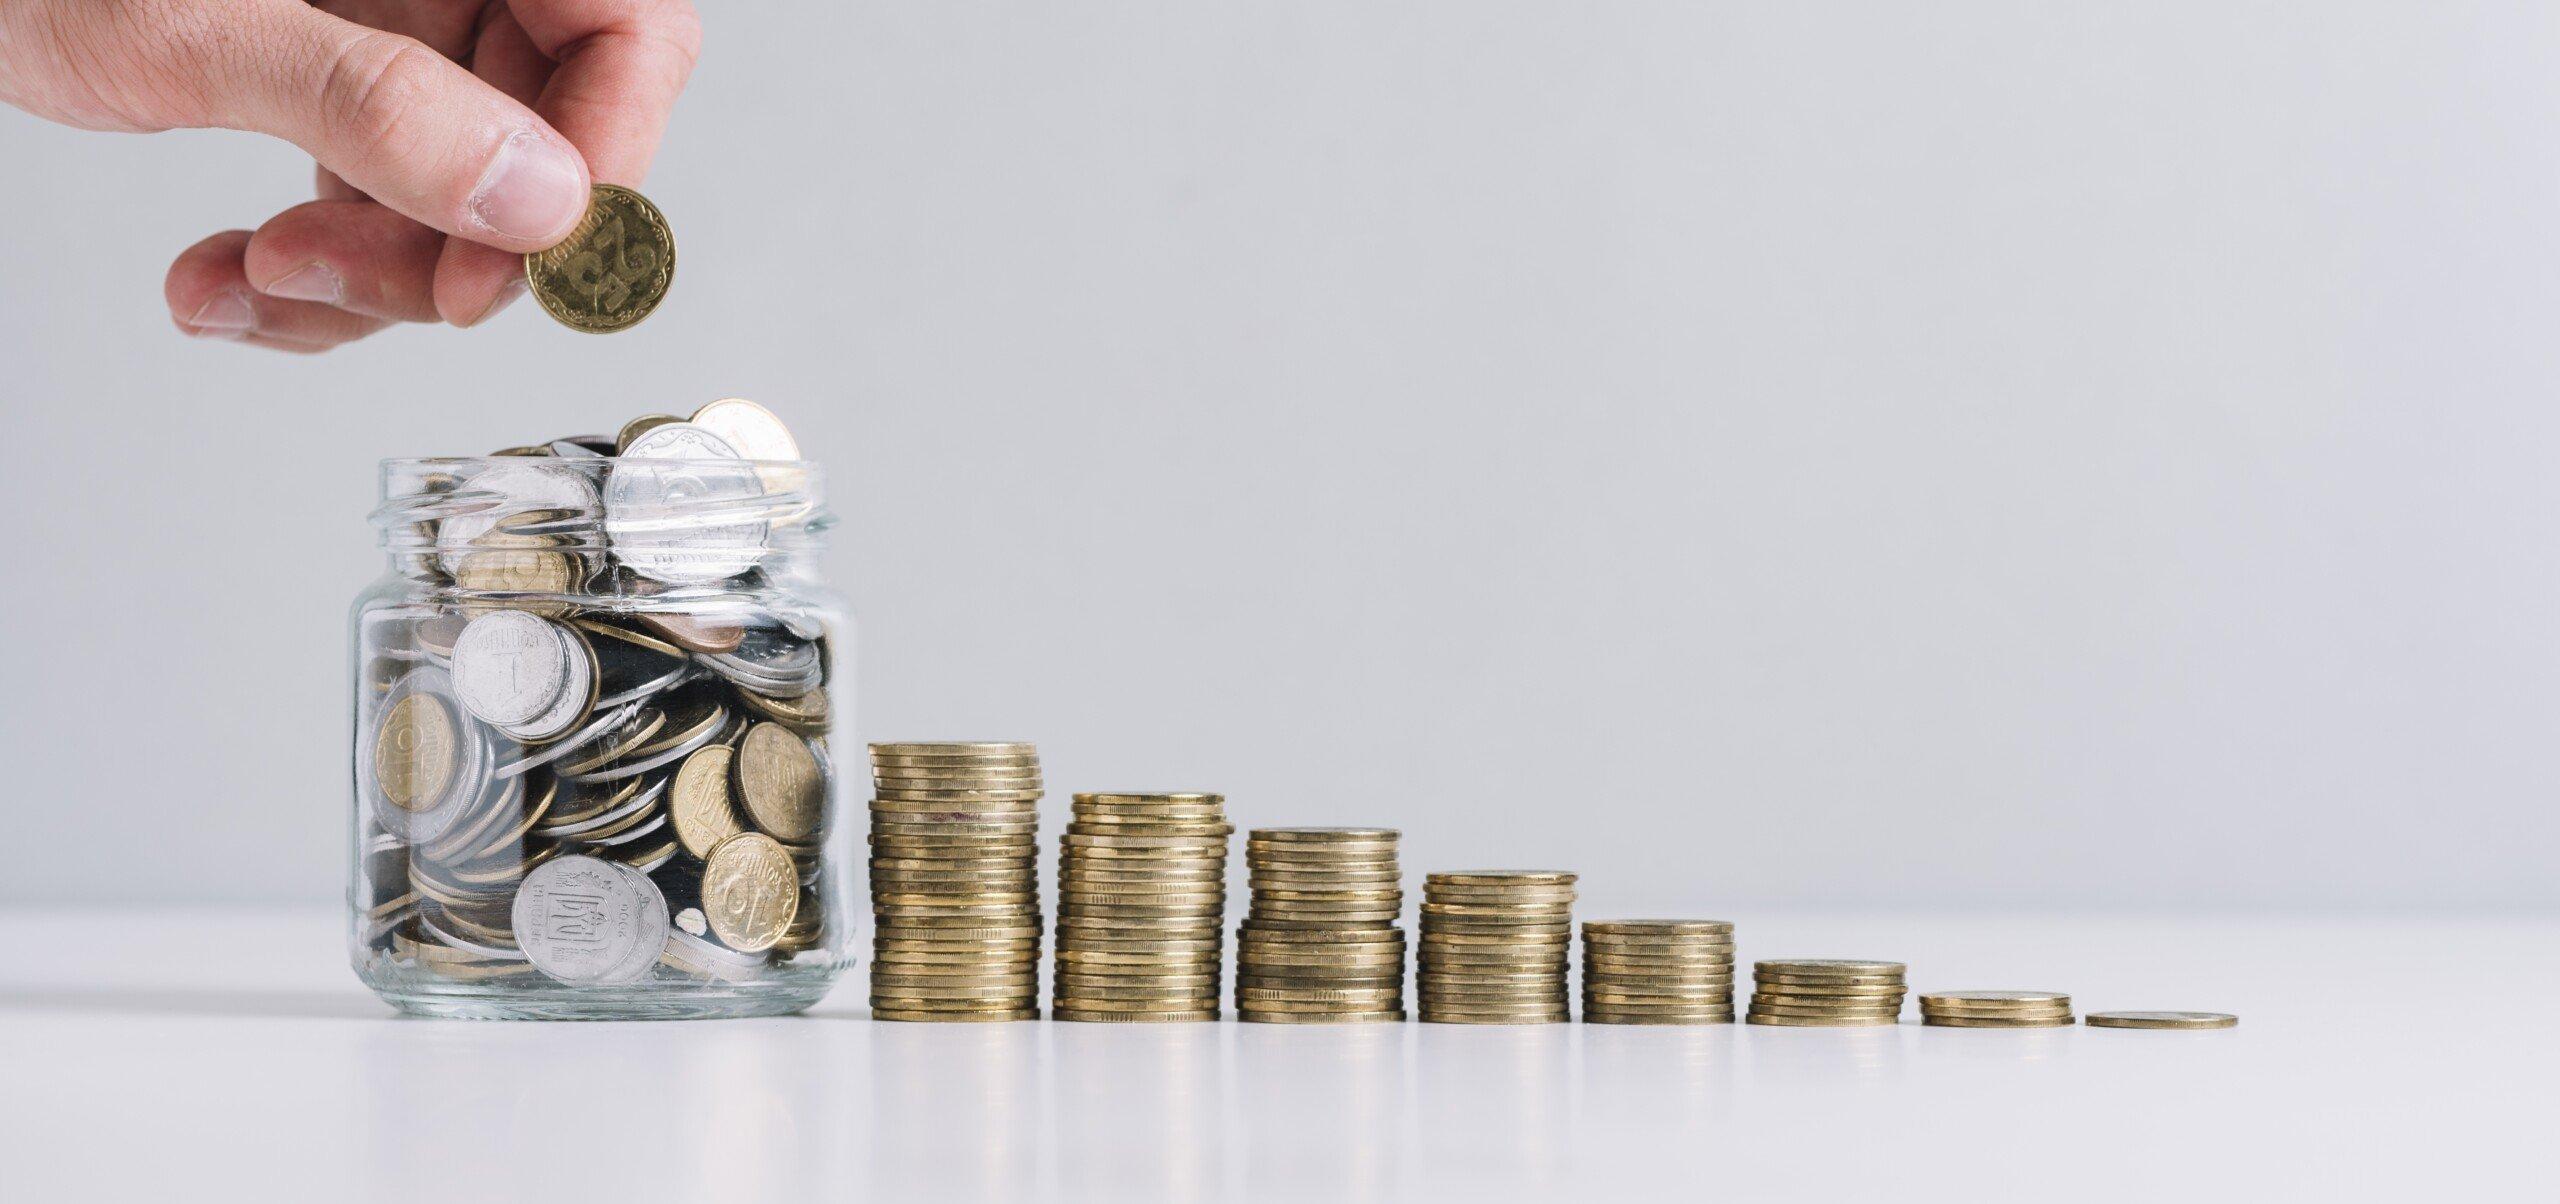 Нові розміри та порядок здійснення оплати за скарги в новому проєкті